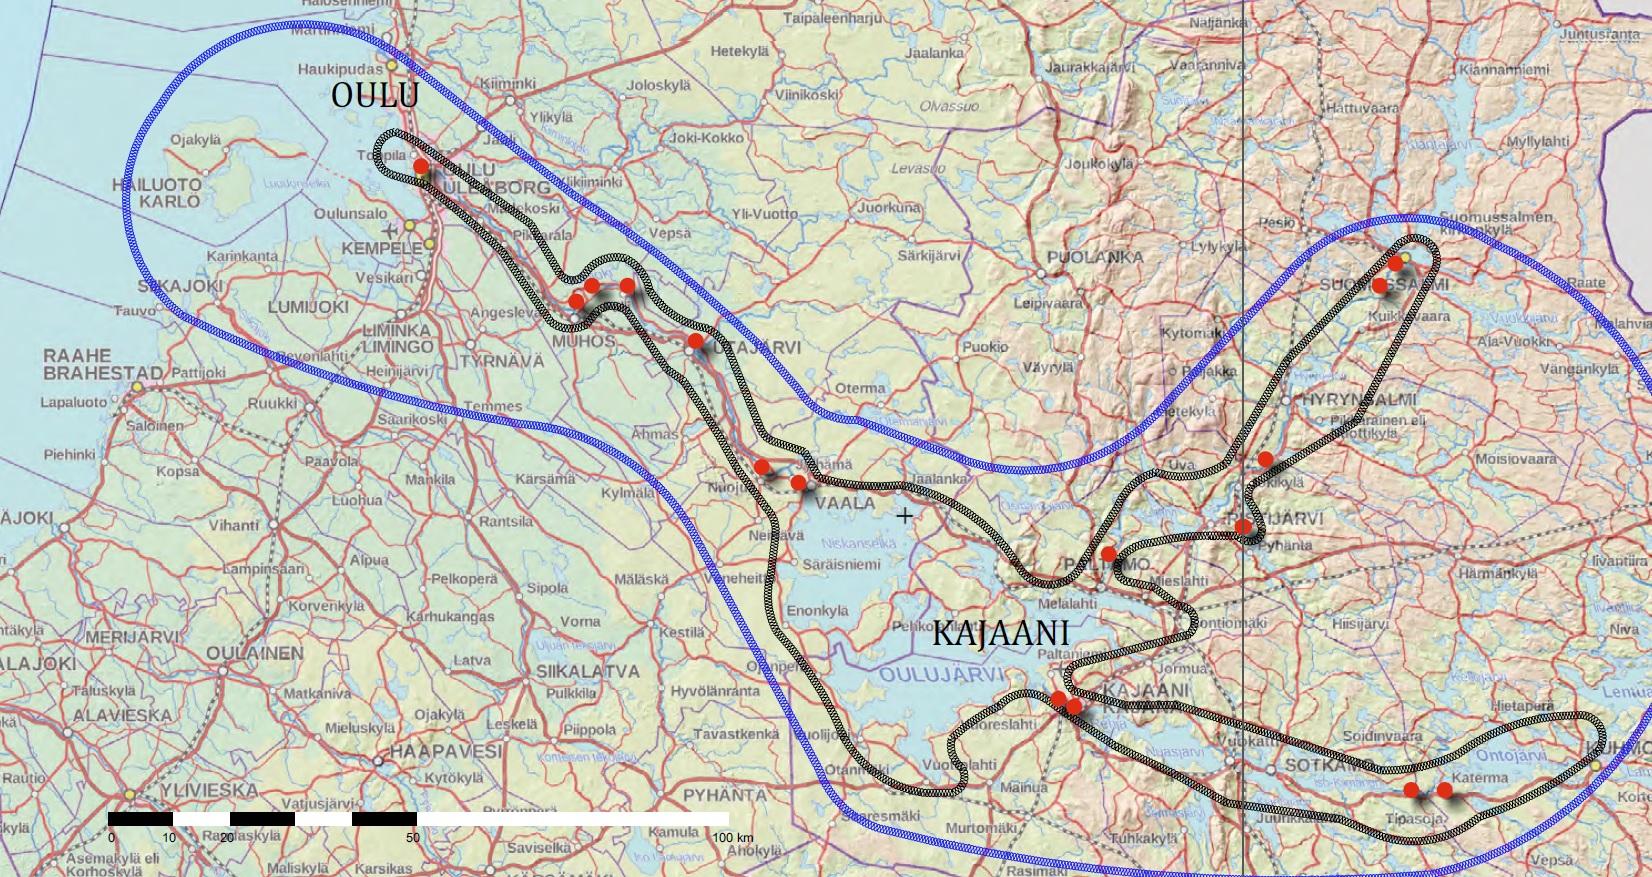 VEKU VAKU -hankealueen kartassa näkyvät hanke alueen 16 voimalaitosta, joista peräti 9 on Kainuussa.